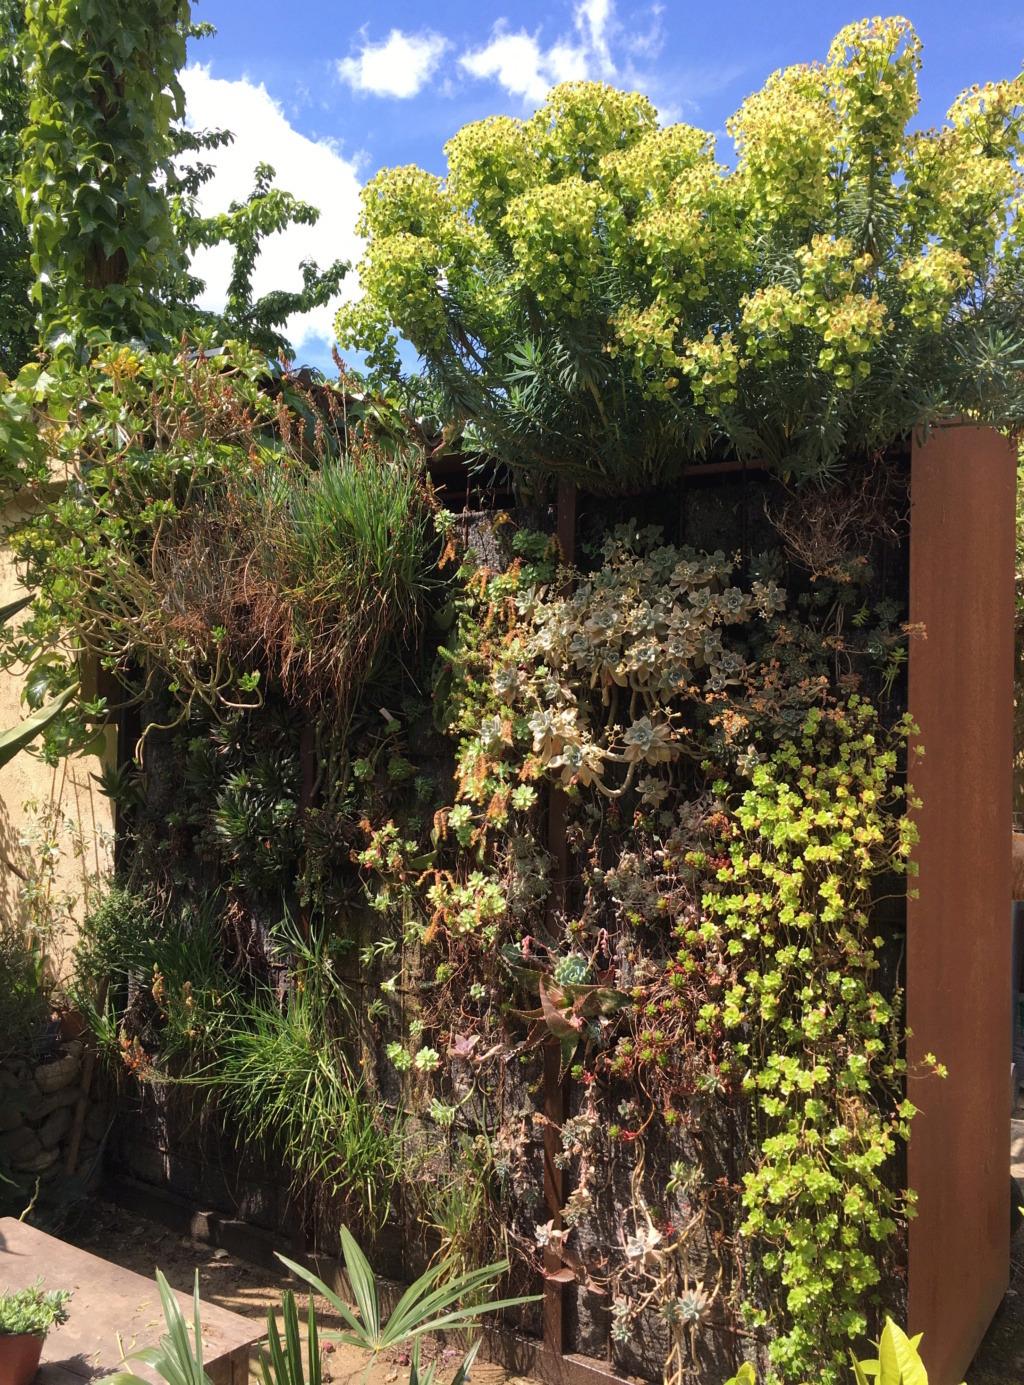 Mon mur végétal de succulentes - Page 2 Img_8622